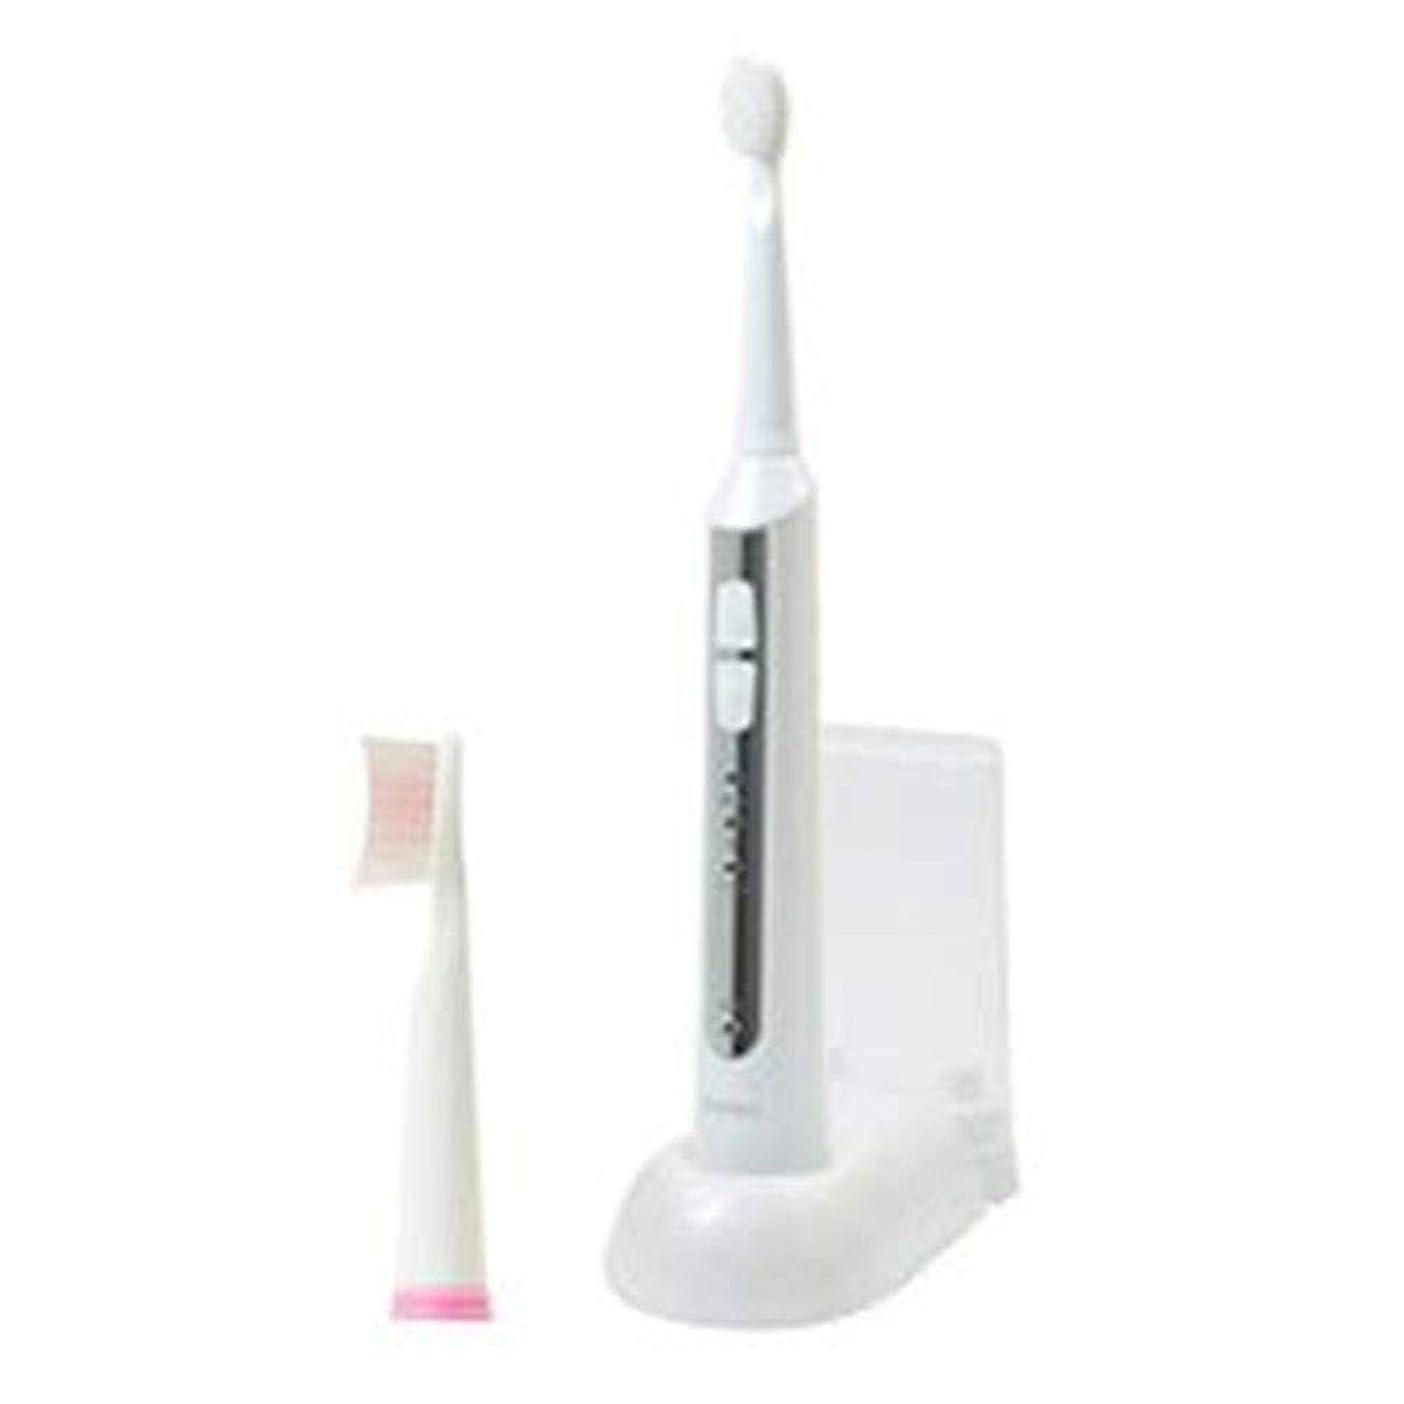 持っている思われるサーバ-まとめ-DRETEC?音波式電動歯ブラシ?高速振動と選べる振動モードでしっかり磨ける?ホワイト?TB-500WT-×2セット-